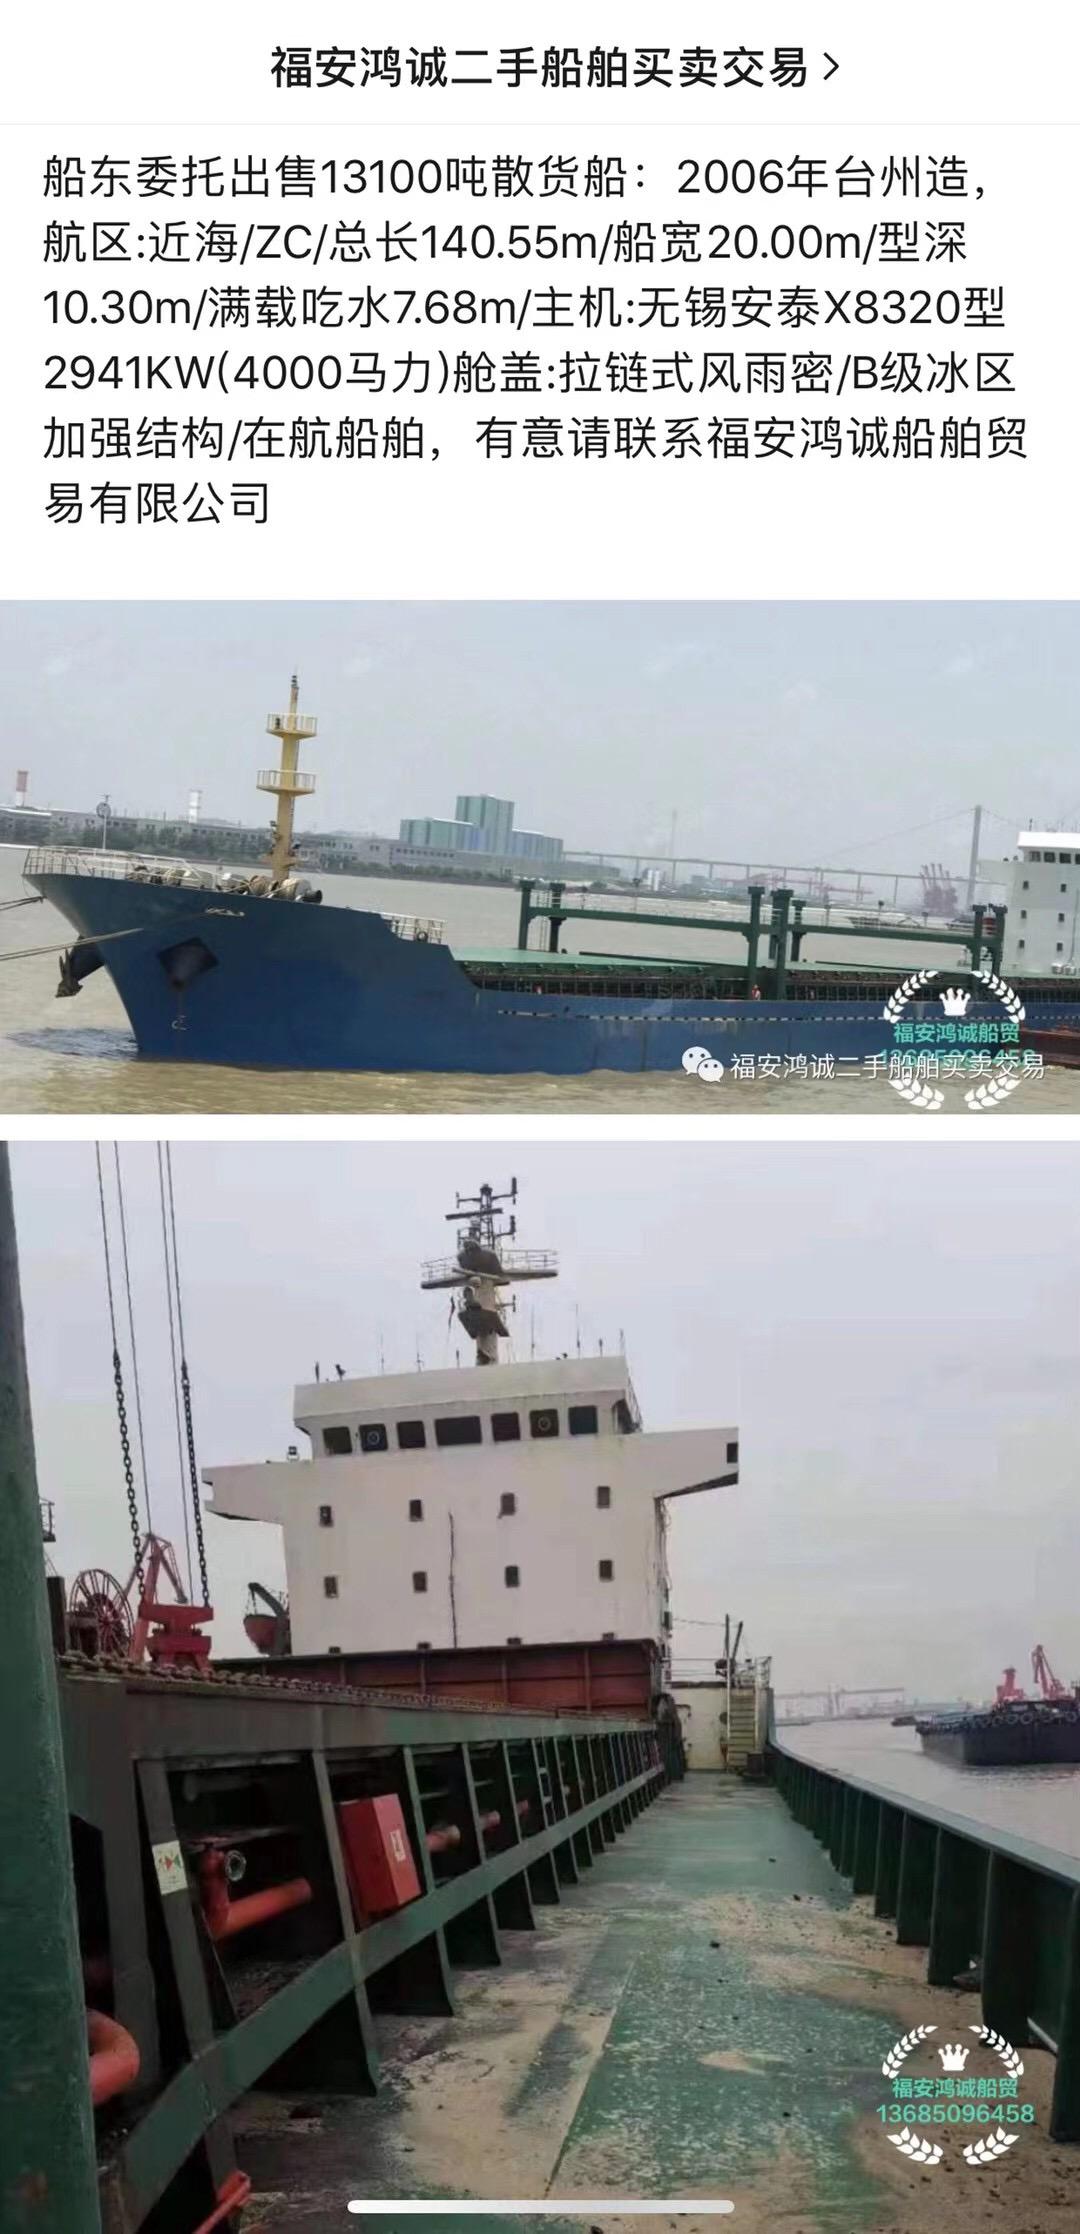 出售13100吨散货船:2006年台州造